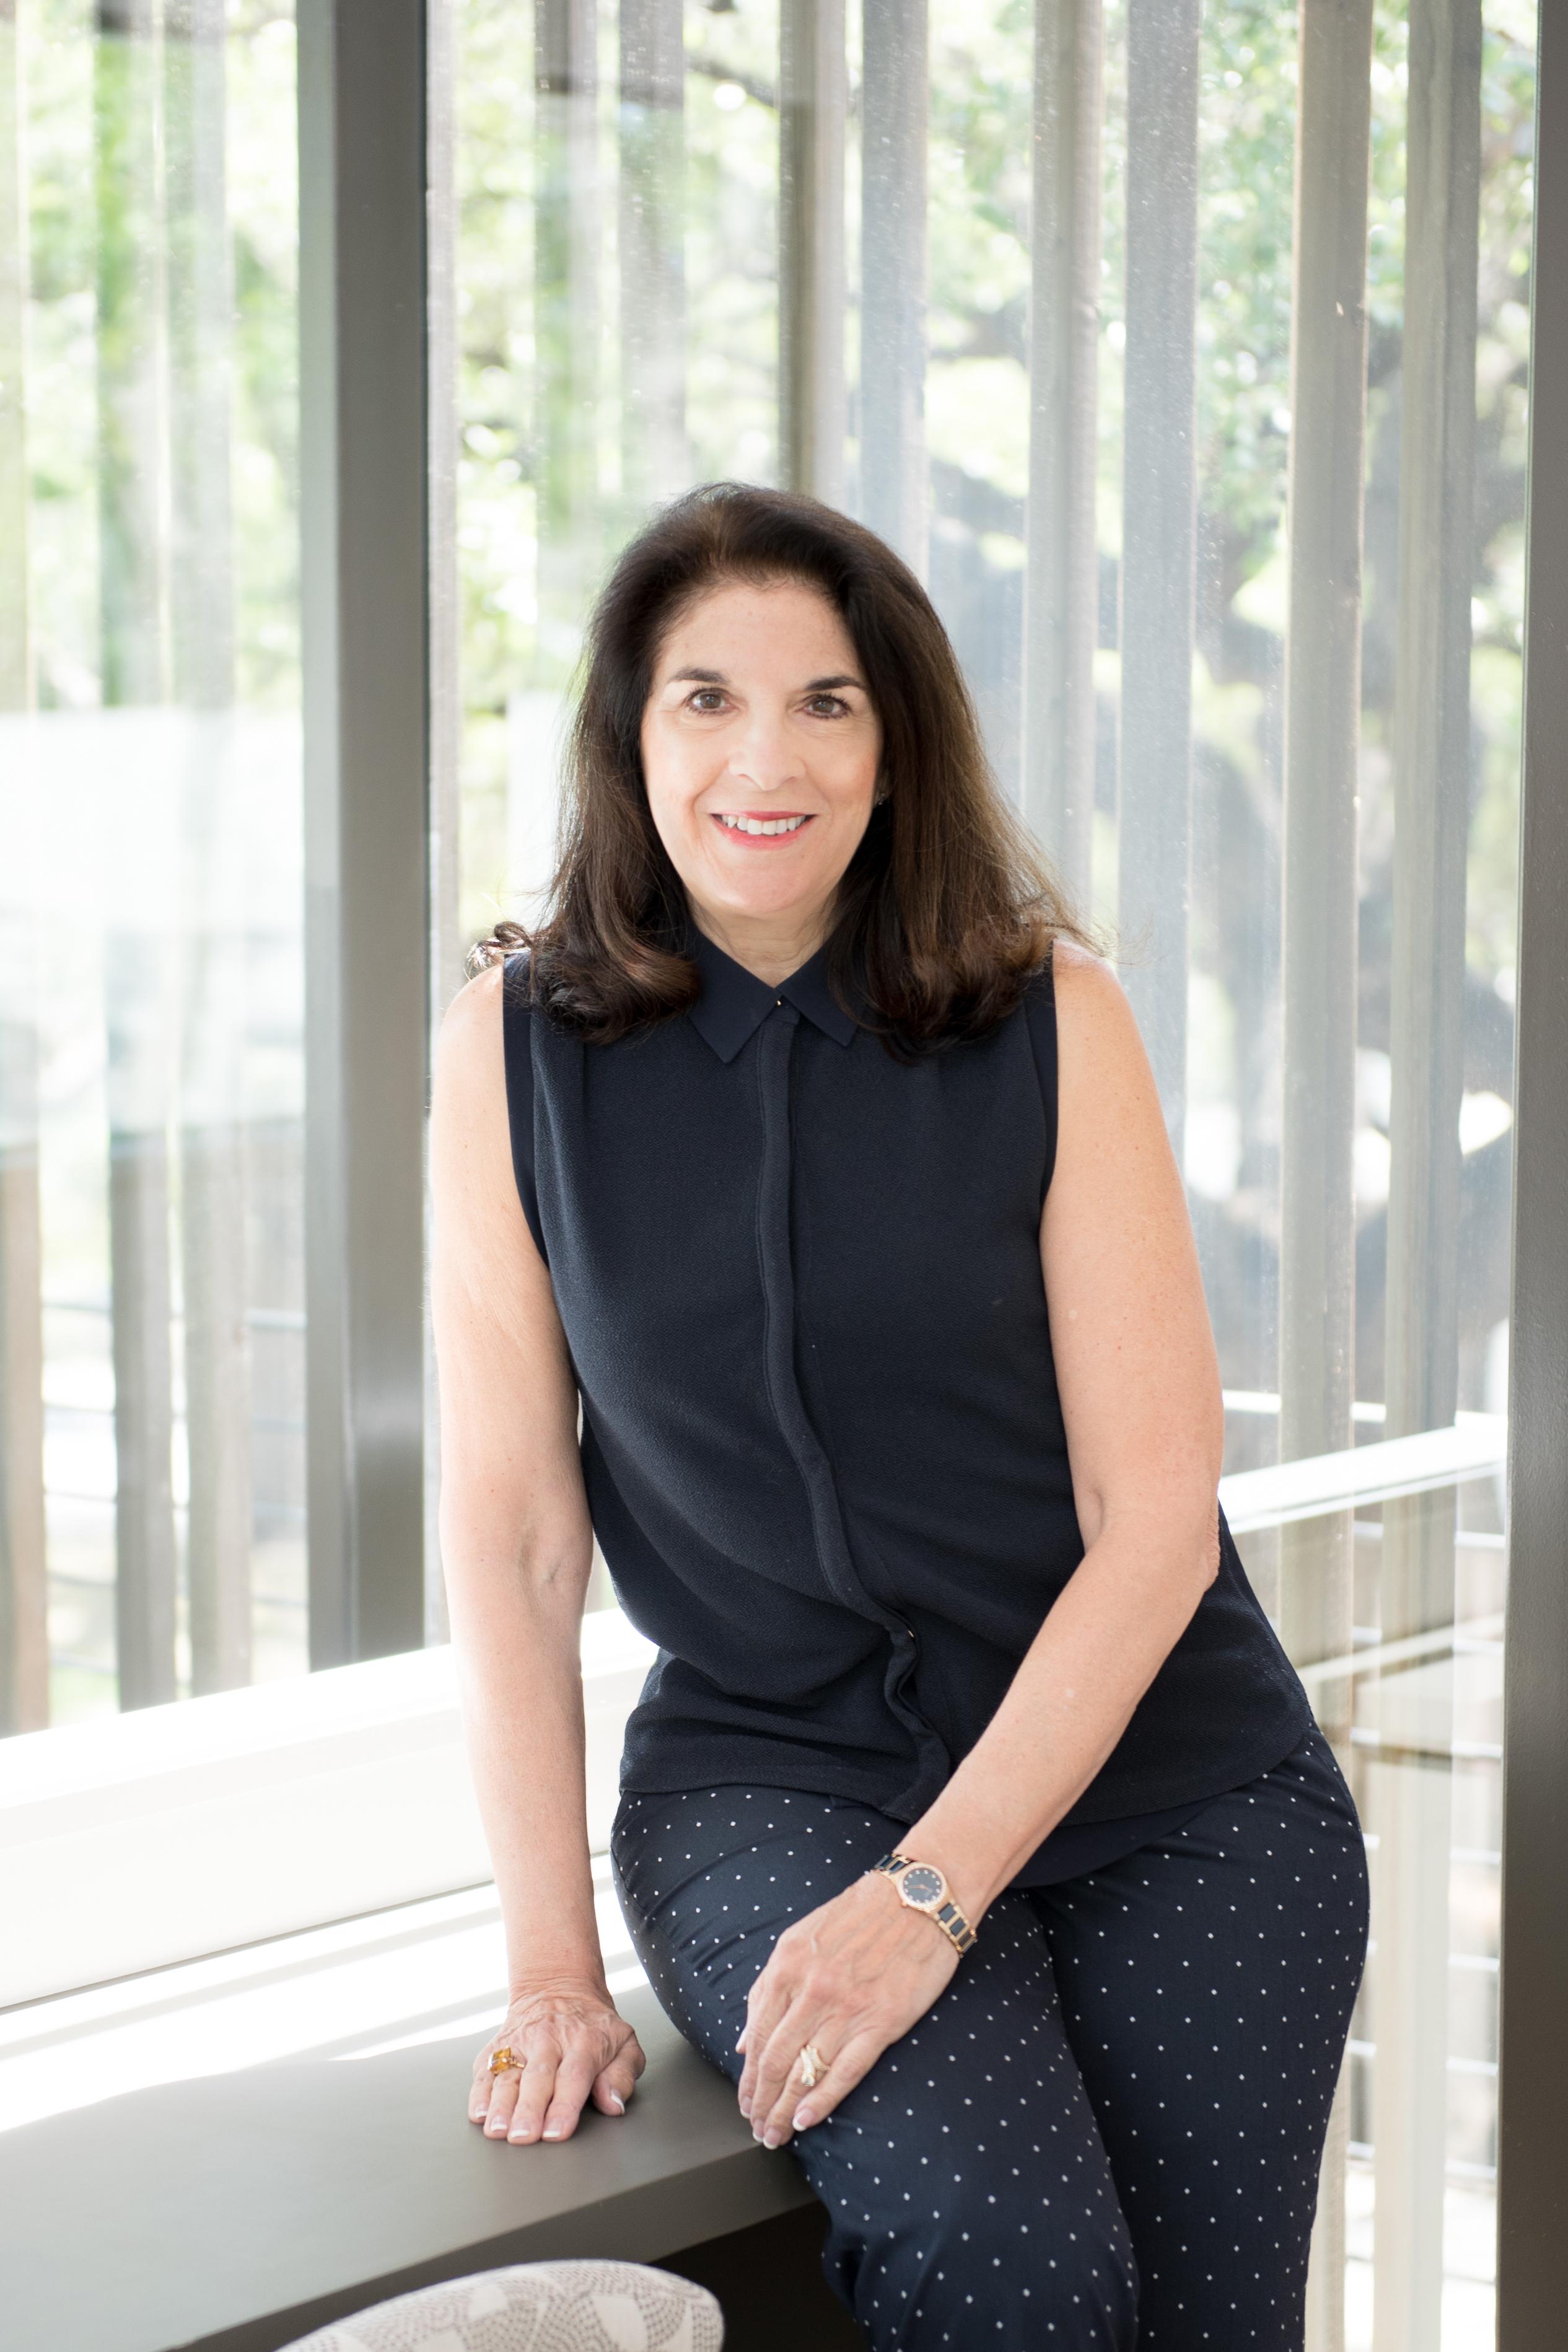 Margaret Parma